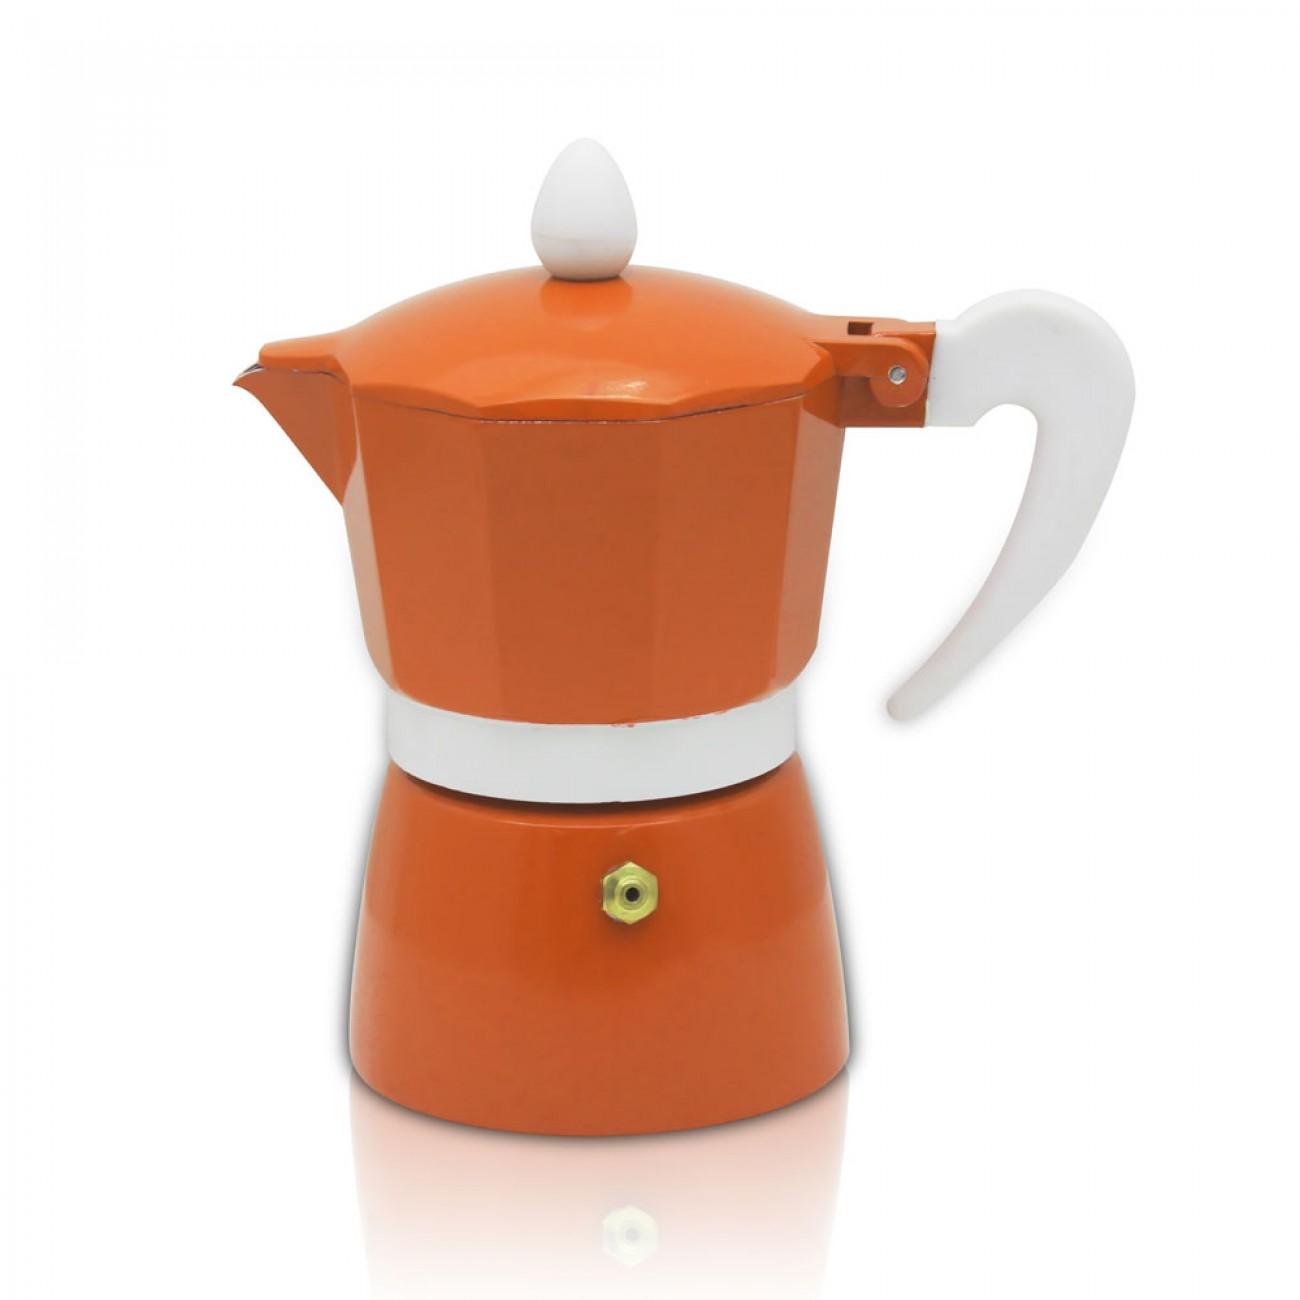 Кубинска кафеварка ZEPHYR ZP 1173 L9, 9 чаши, Топлоустойчива дръжка, Оранжев в Кафеварки за котлон - ZEPHYR | Alleop